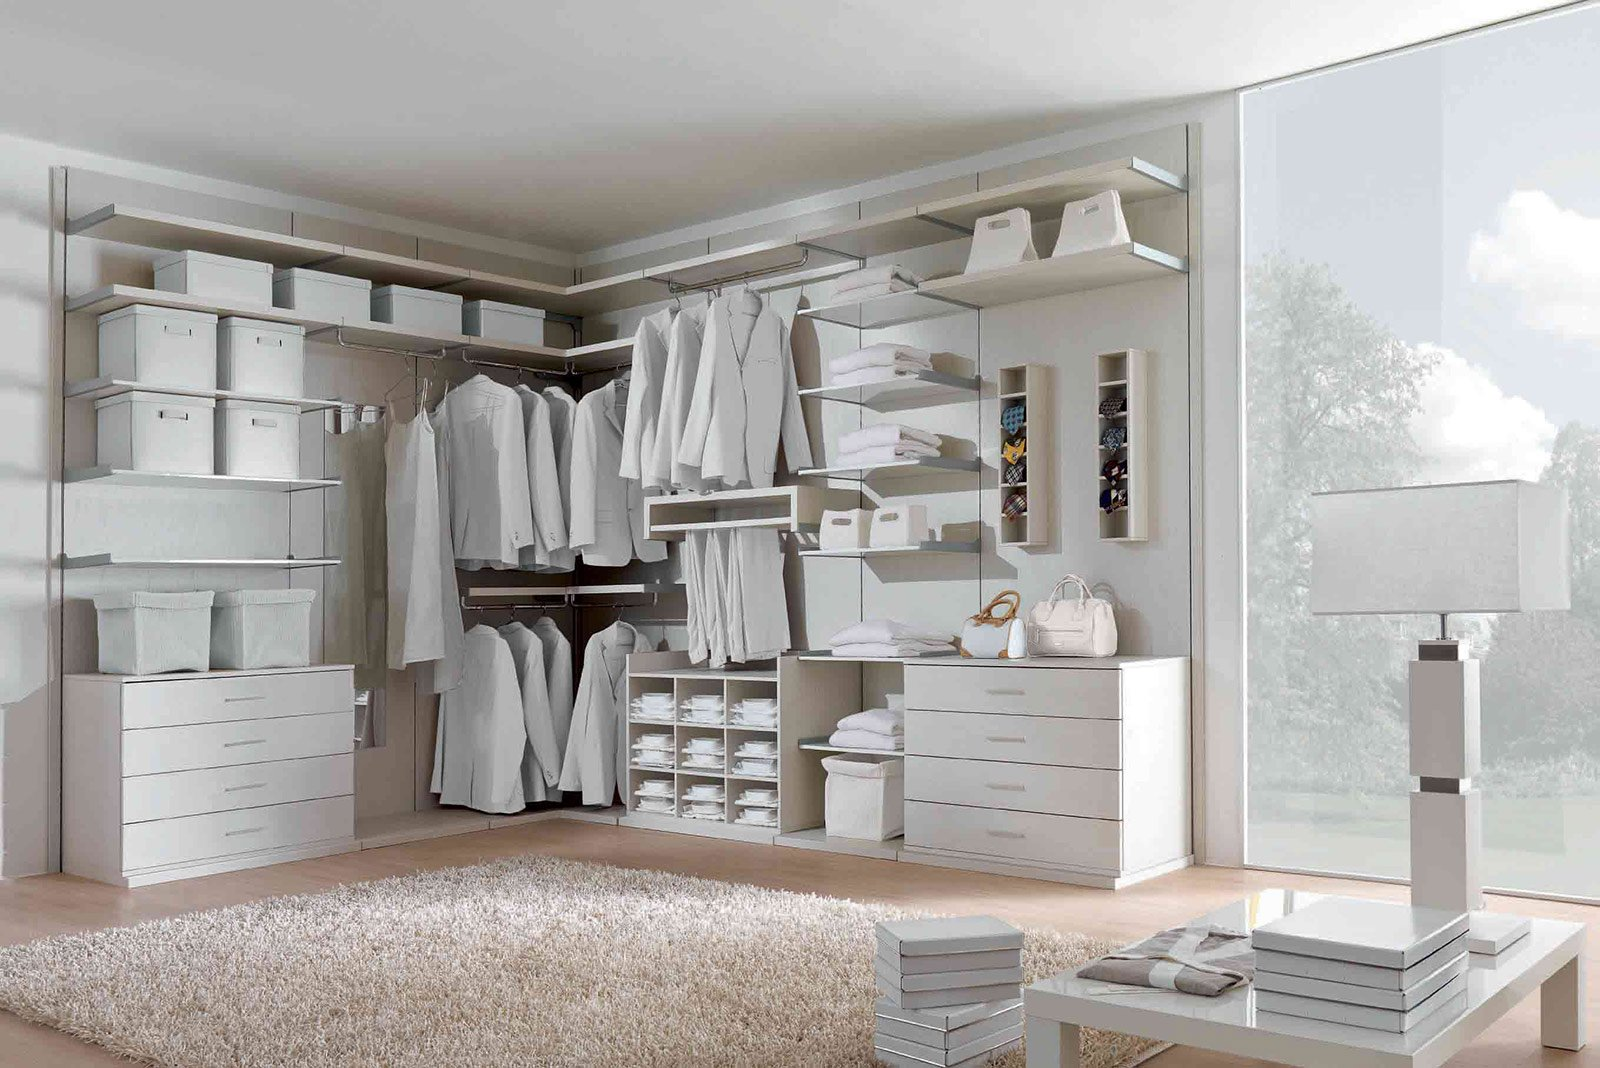 Cabine armadio progettiamo insieme lo spazio cose di casa for Armadi ad angolo ikea prezzi